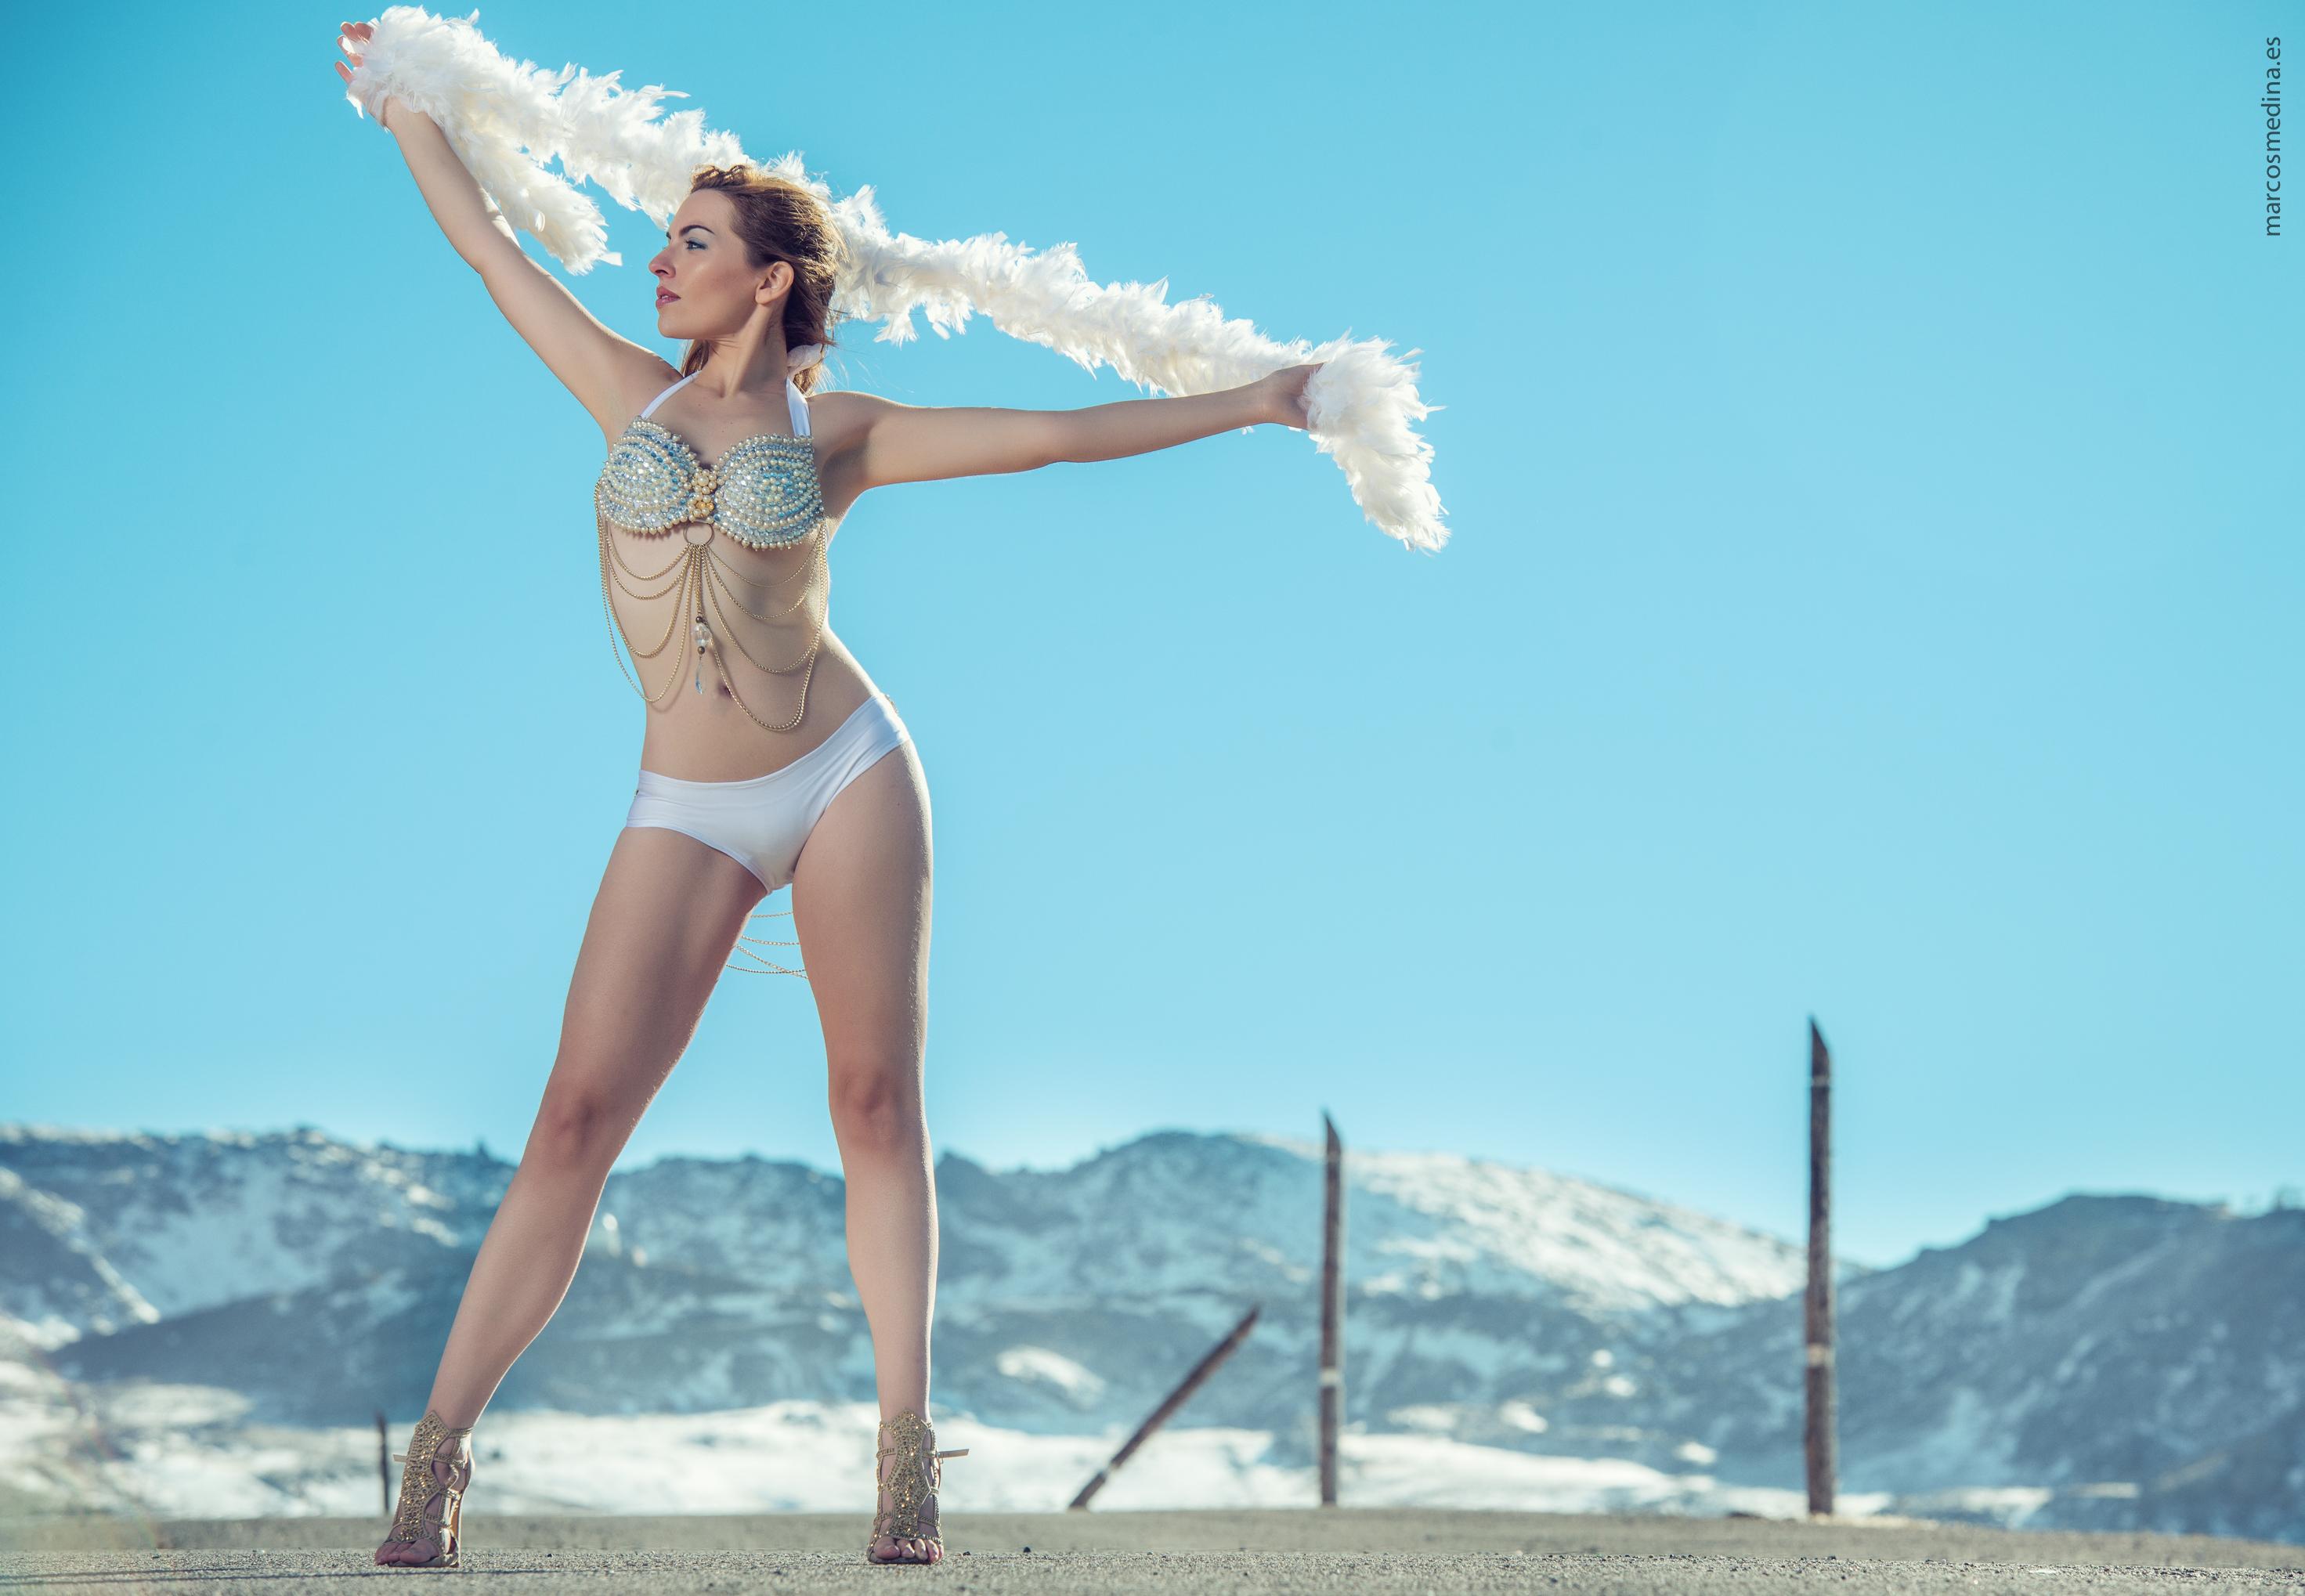 Marcos_Medina_Photography_Paloma_Duran_Sierra_Nevada-1